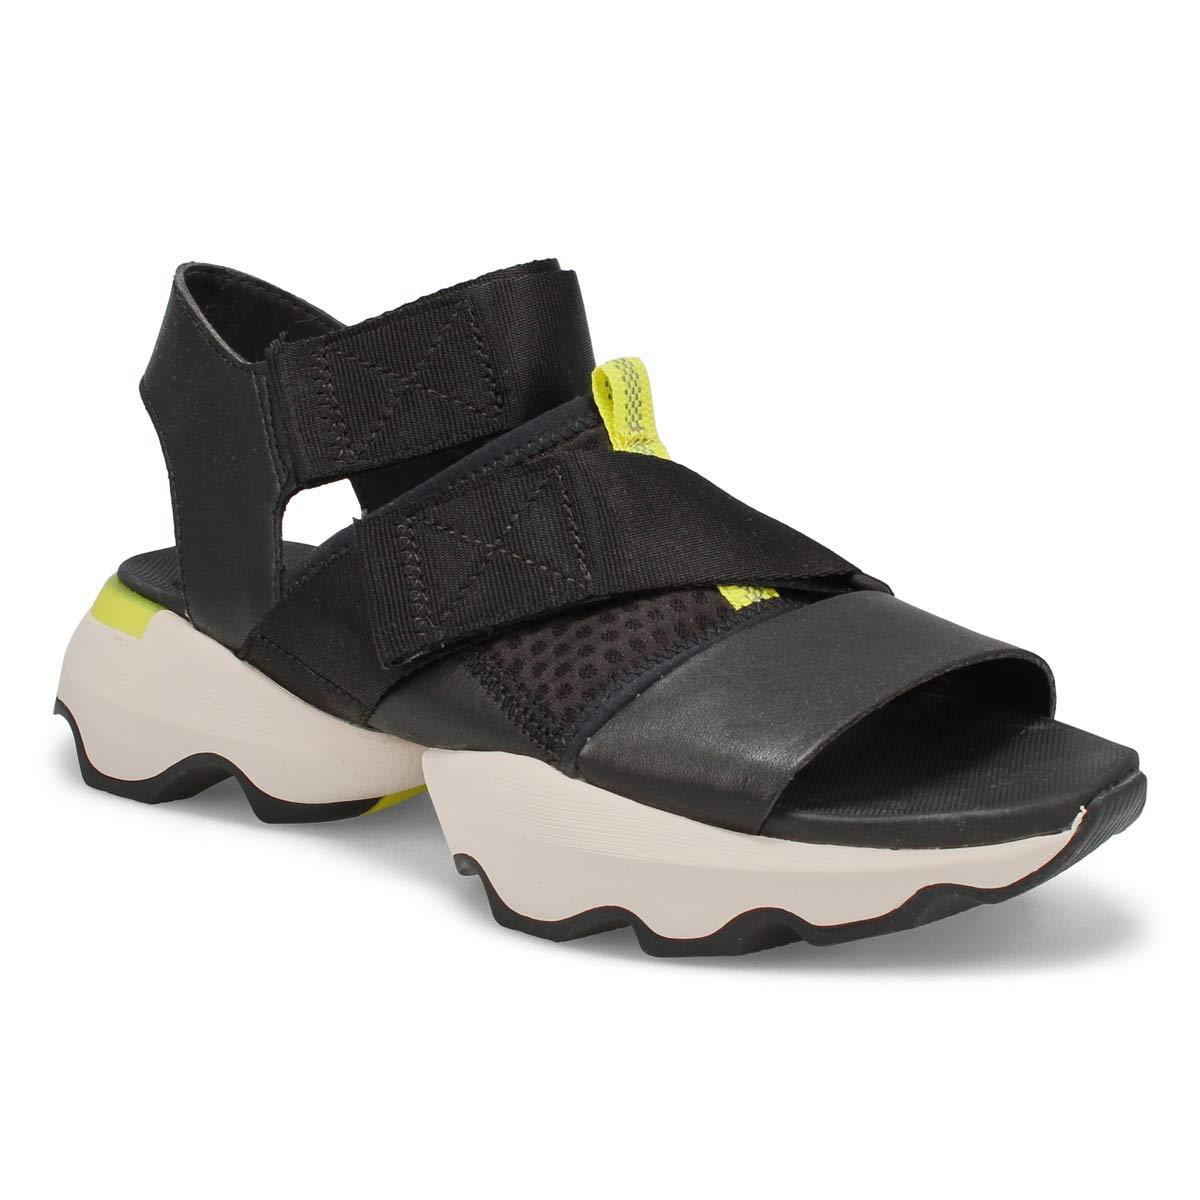 Sandales décontractées KINETIC IMPACT noir, femmes